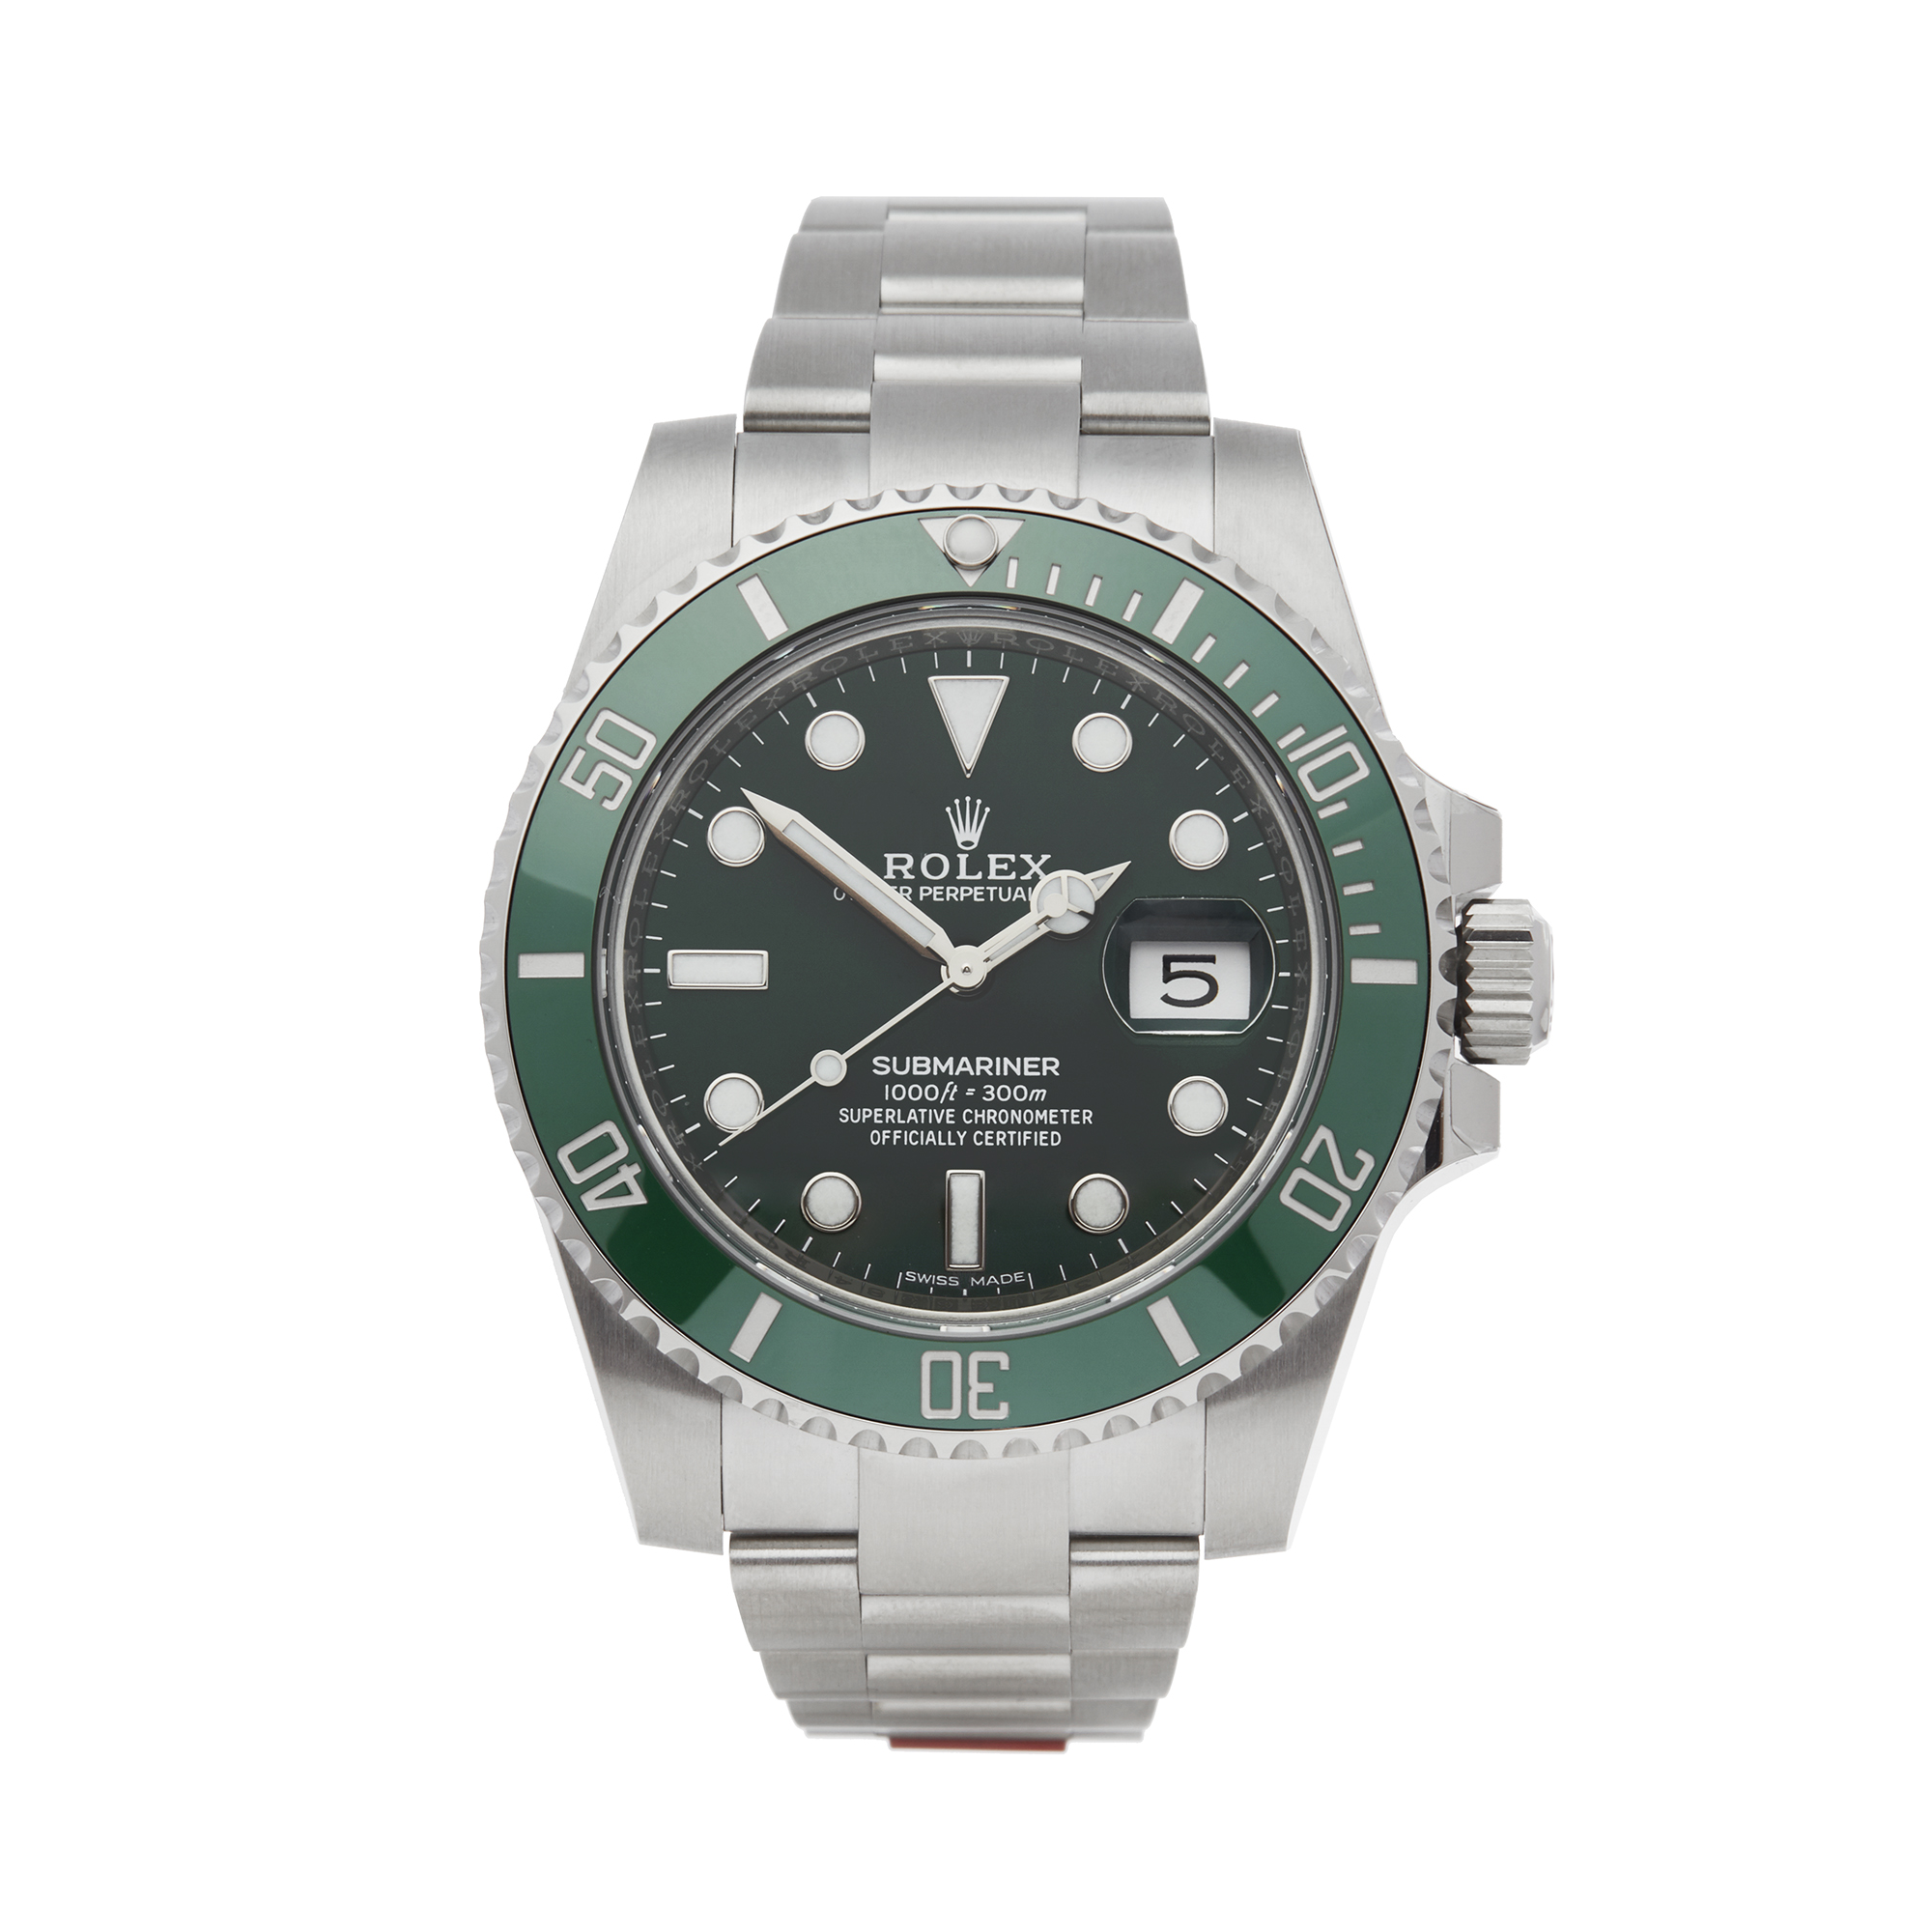 dc186a3c1e4 Detalhes sobre Rolex Submariner Hulk Relógio de aço inoxidável 116610LV  W5833- mostrar título no original